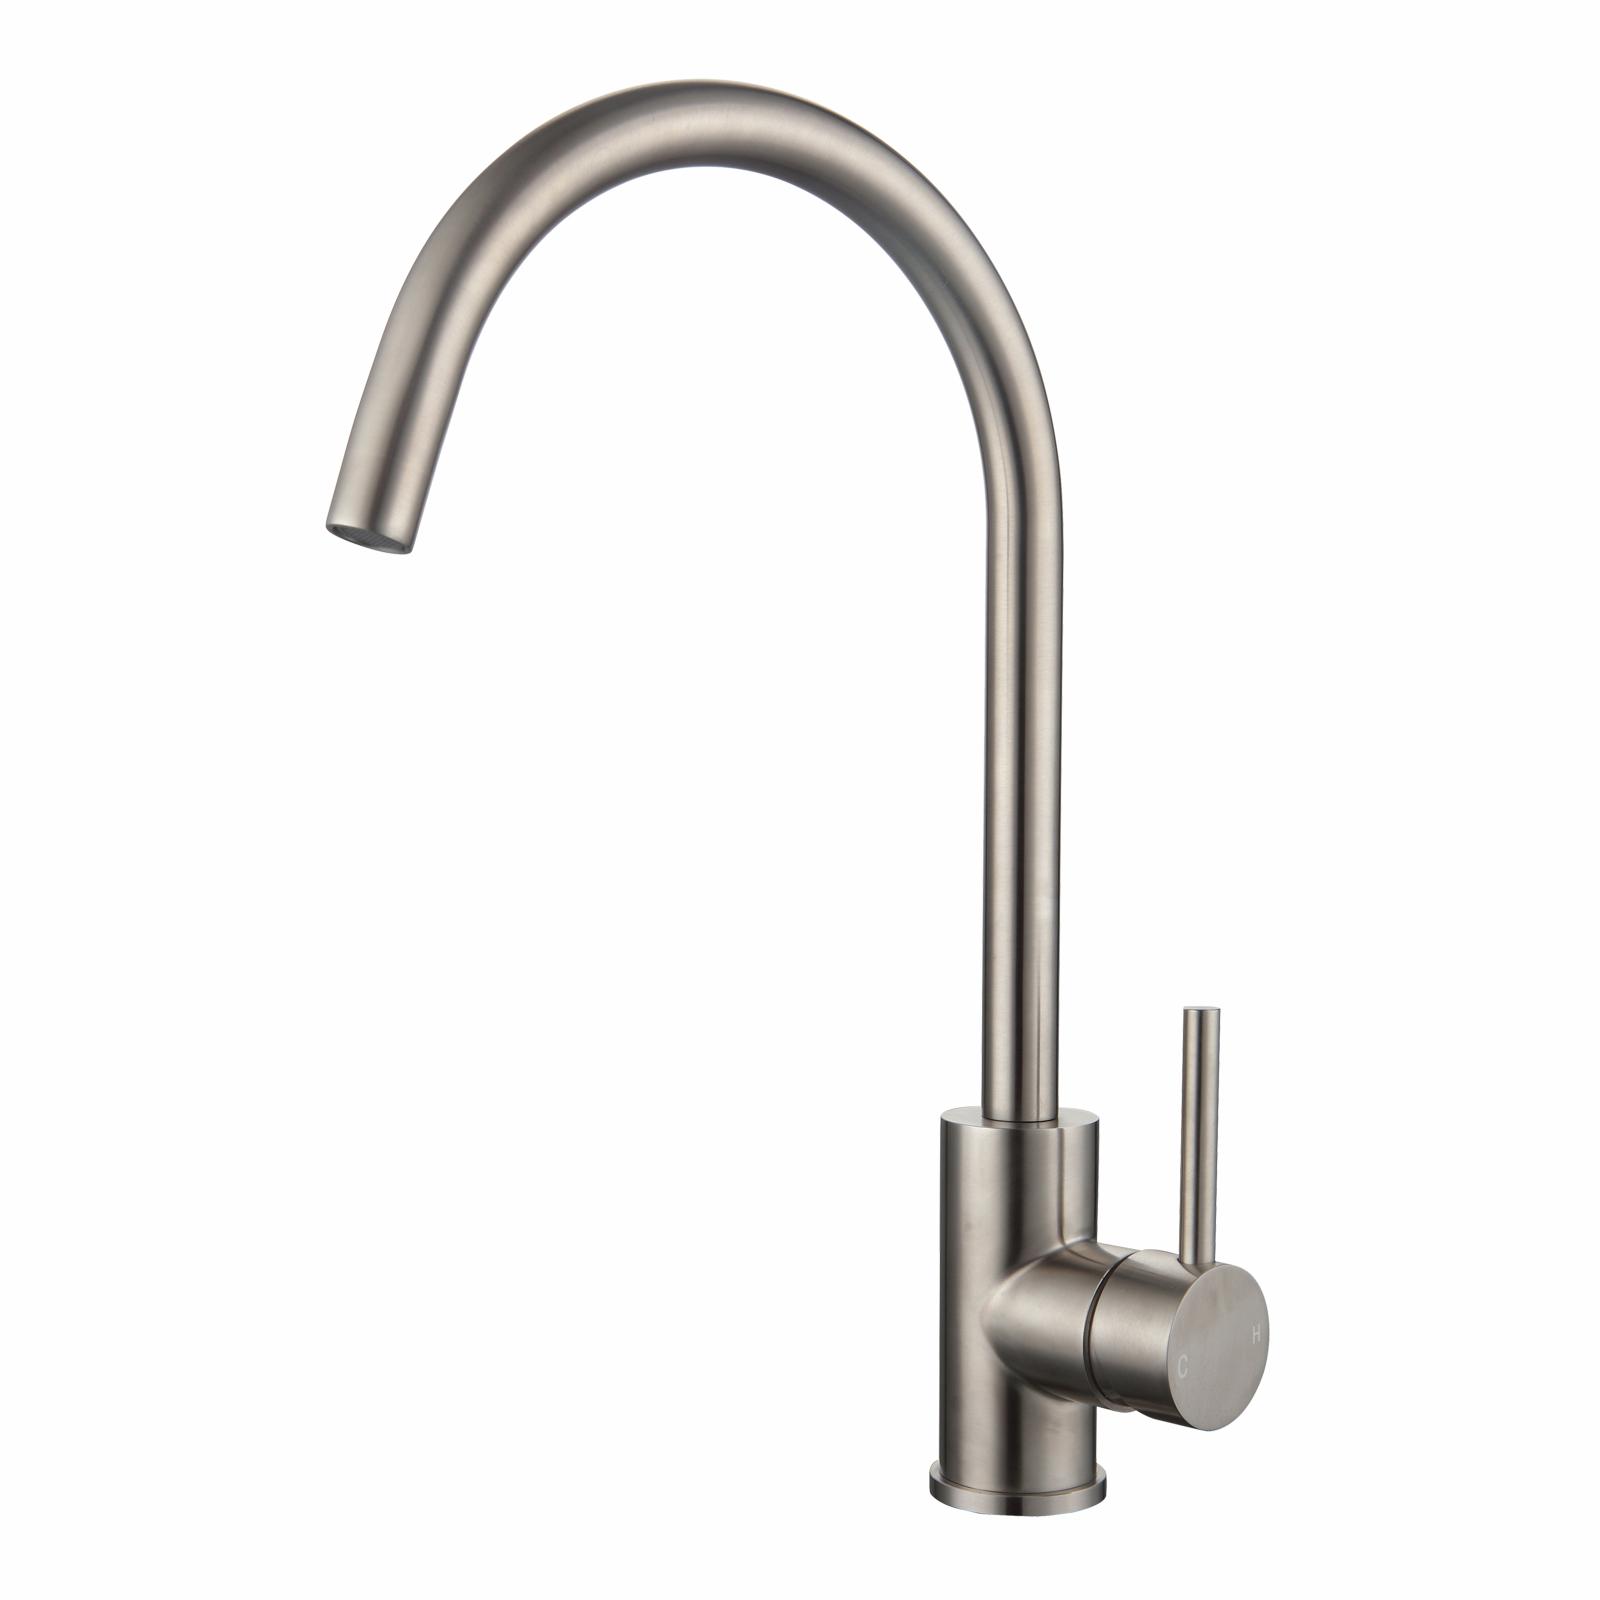 Mondella WELS 5 Star 6L/min Stainless Steel Resonance Curved Sink Mixer